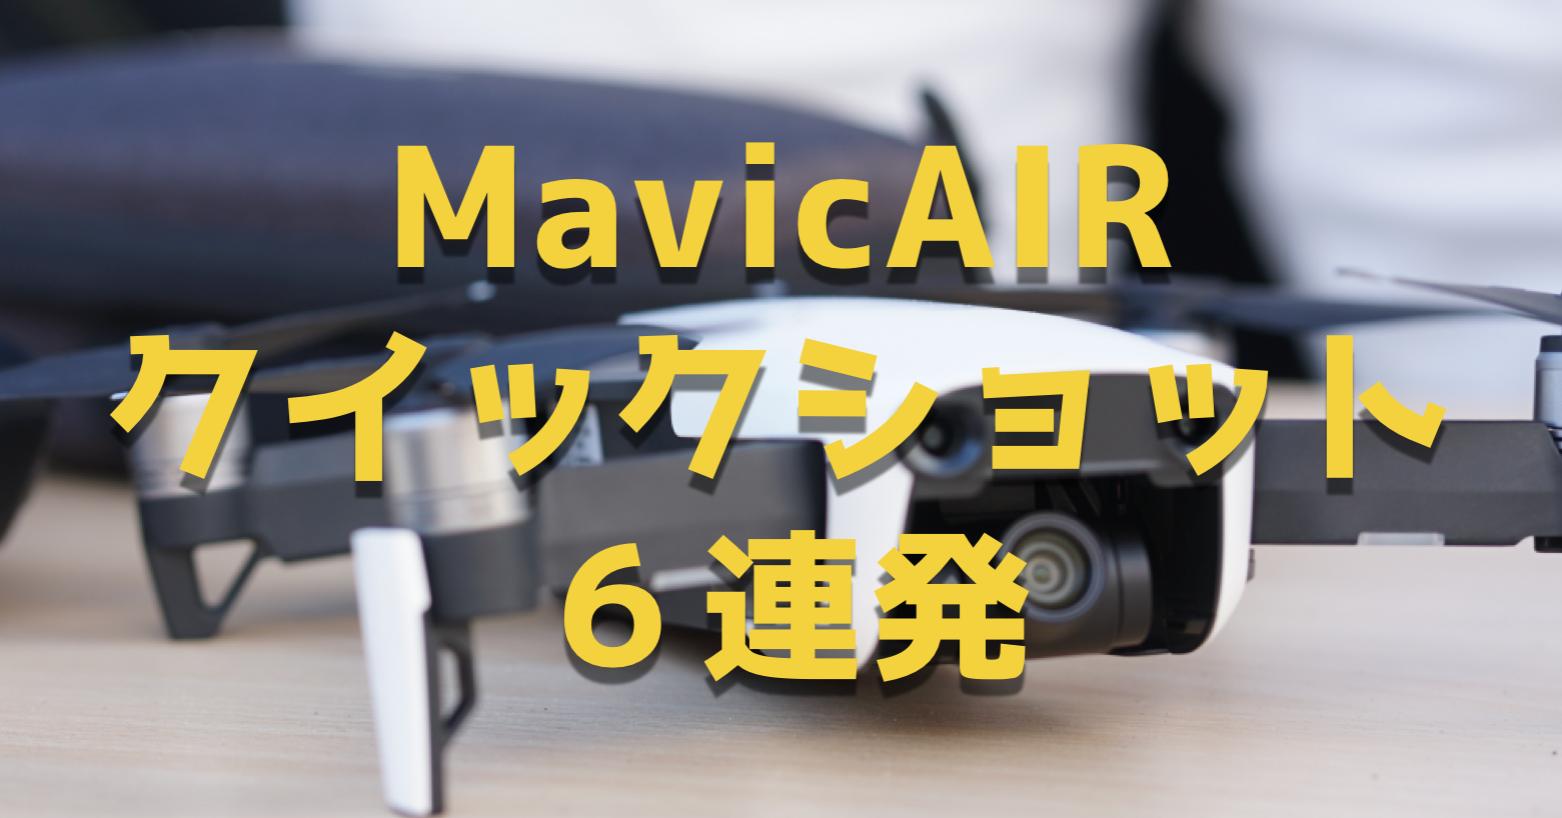 ドローン初心者でもMavicAIRのクイックショット6種でプロ並みの映像を撮影可能!